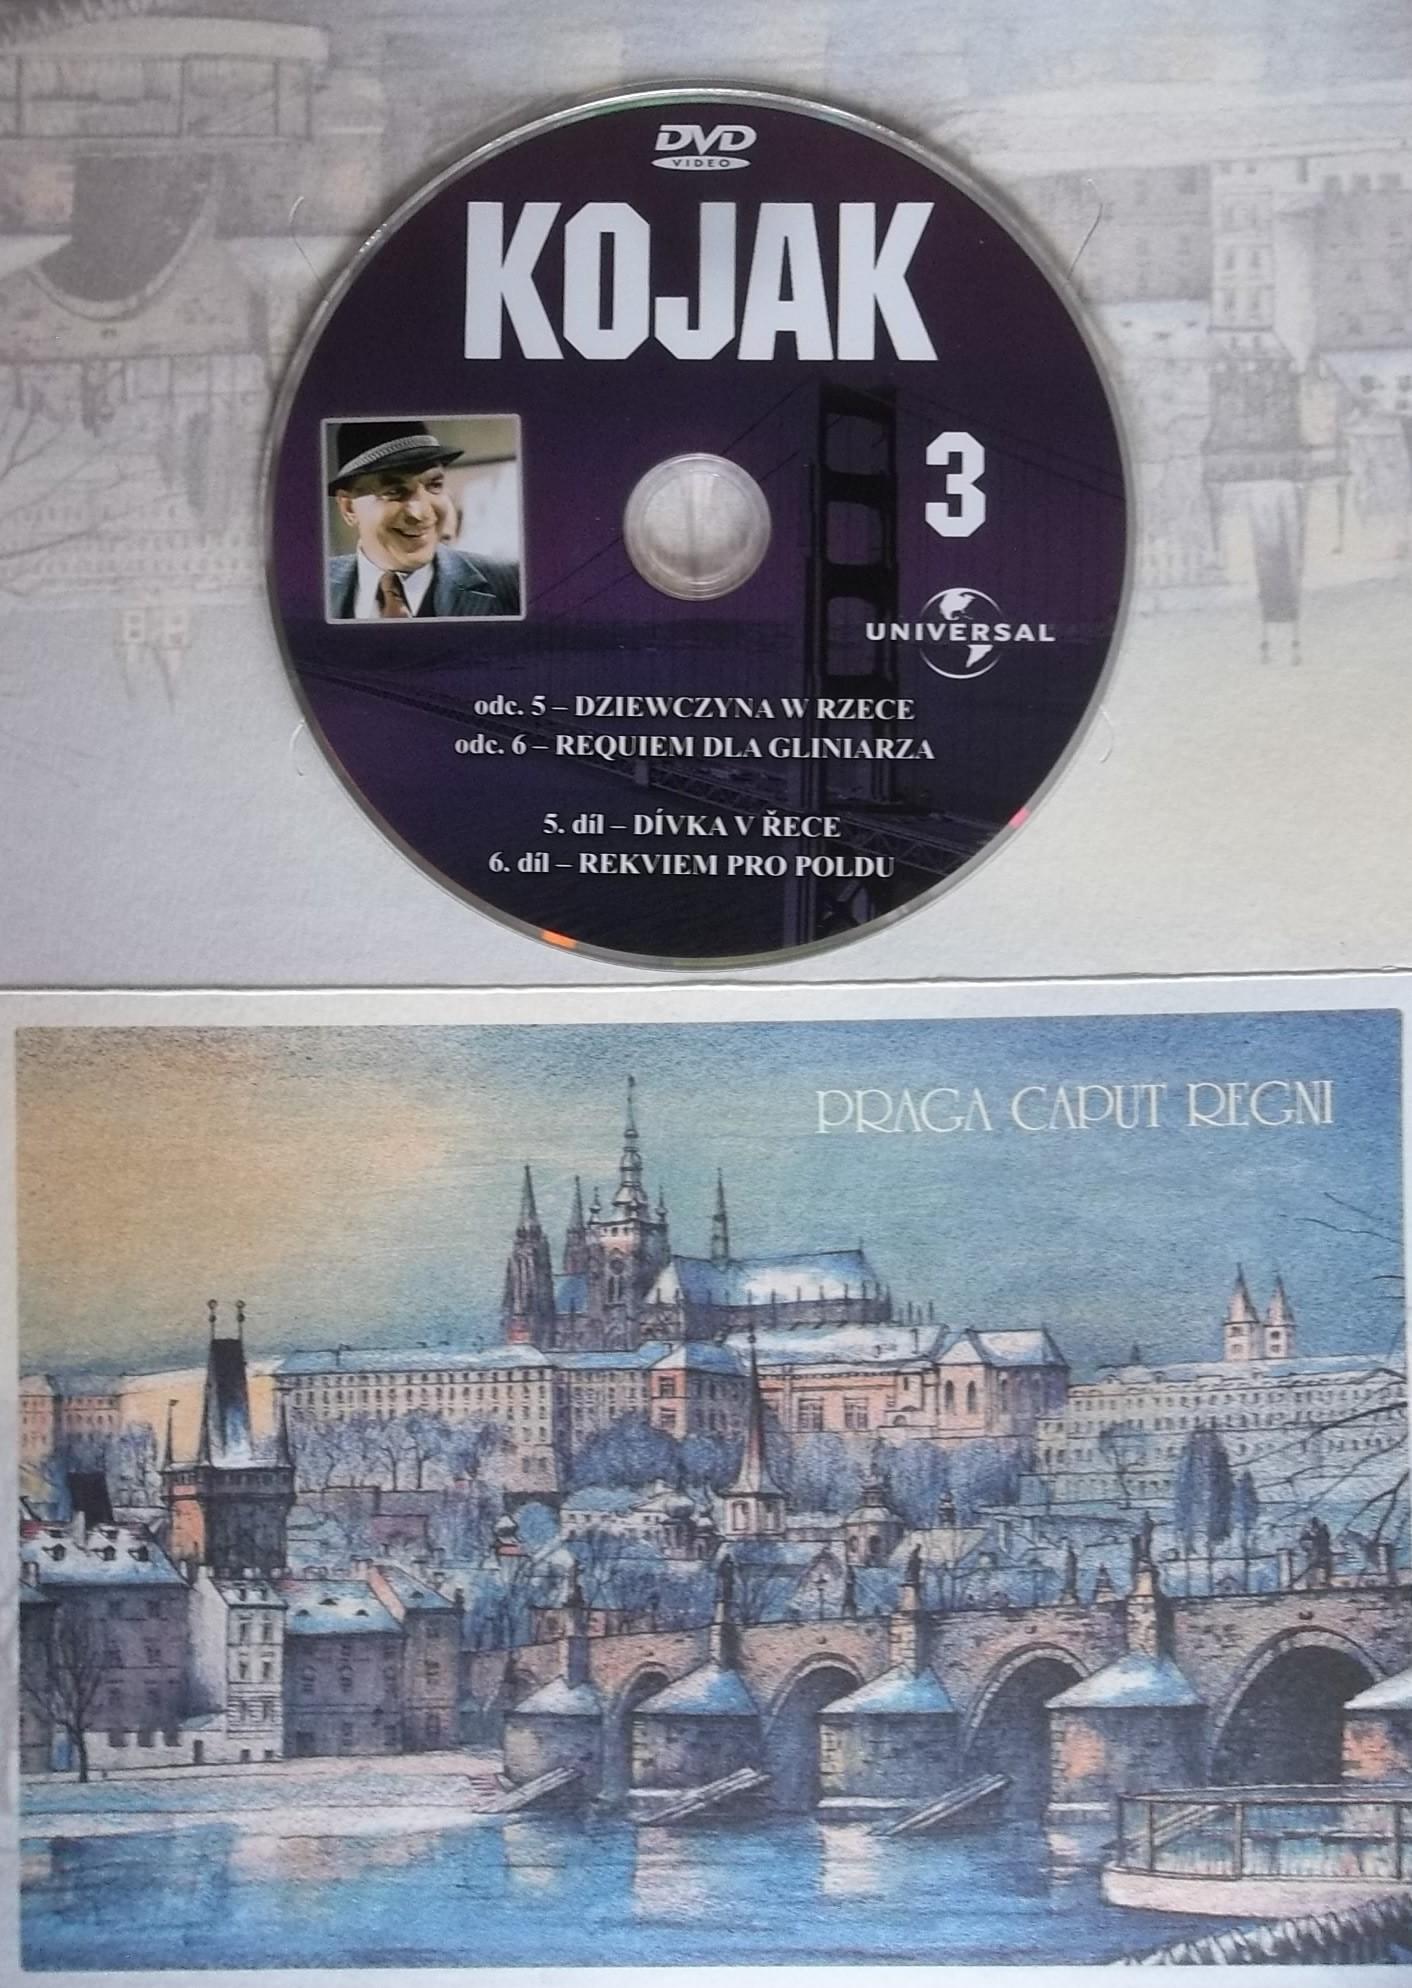 Kojak 3 (dárková obálka) DVD